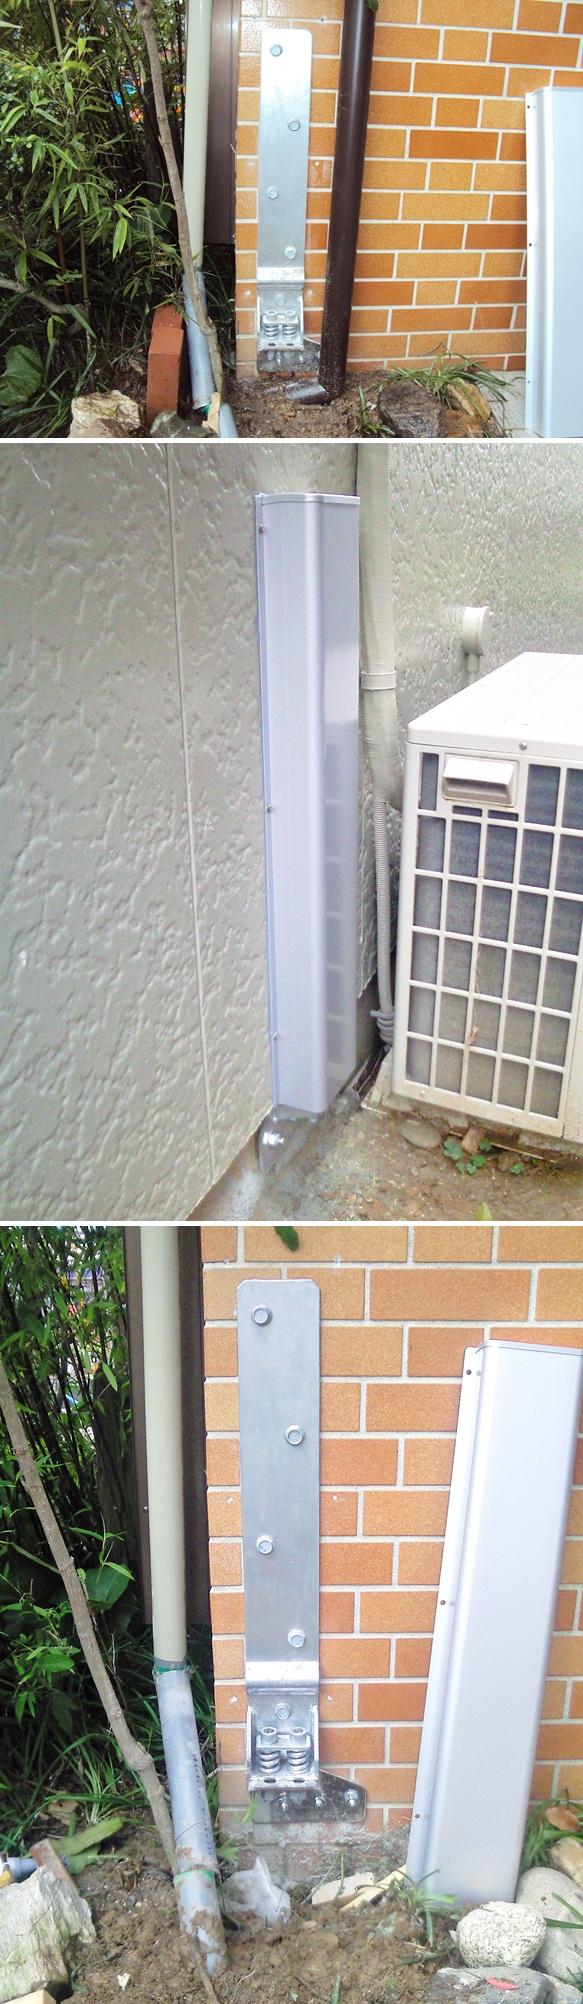 耐震を考慮し、外部に後付けホールダウン金物を取付けました。基礎、土台と通し柱をコーチボルトで固定し、引き抜きに対して強度を確保しています。